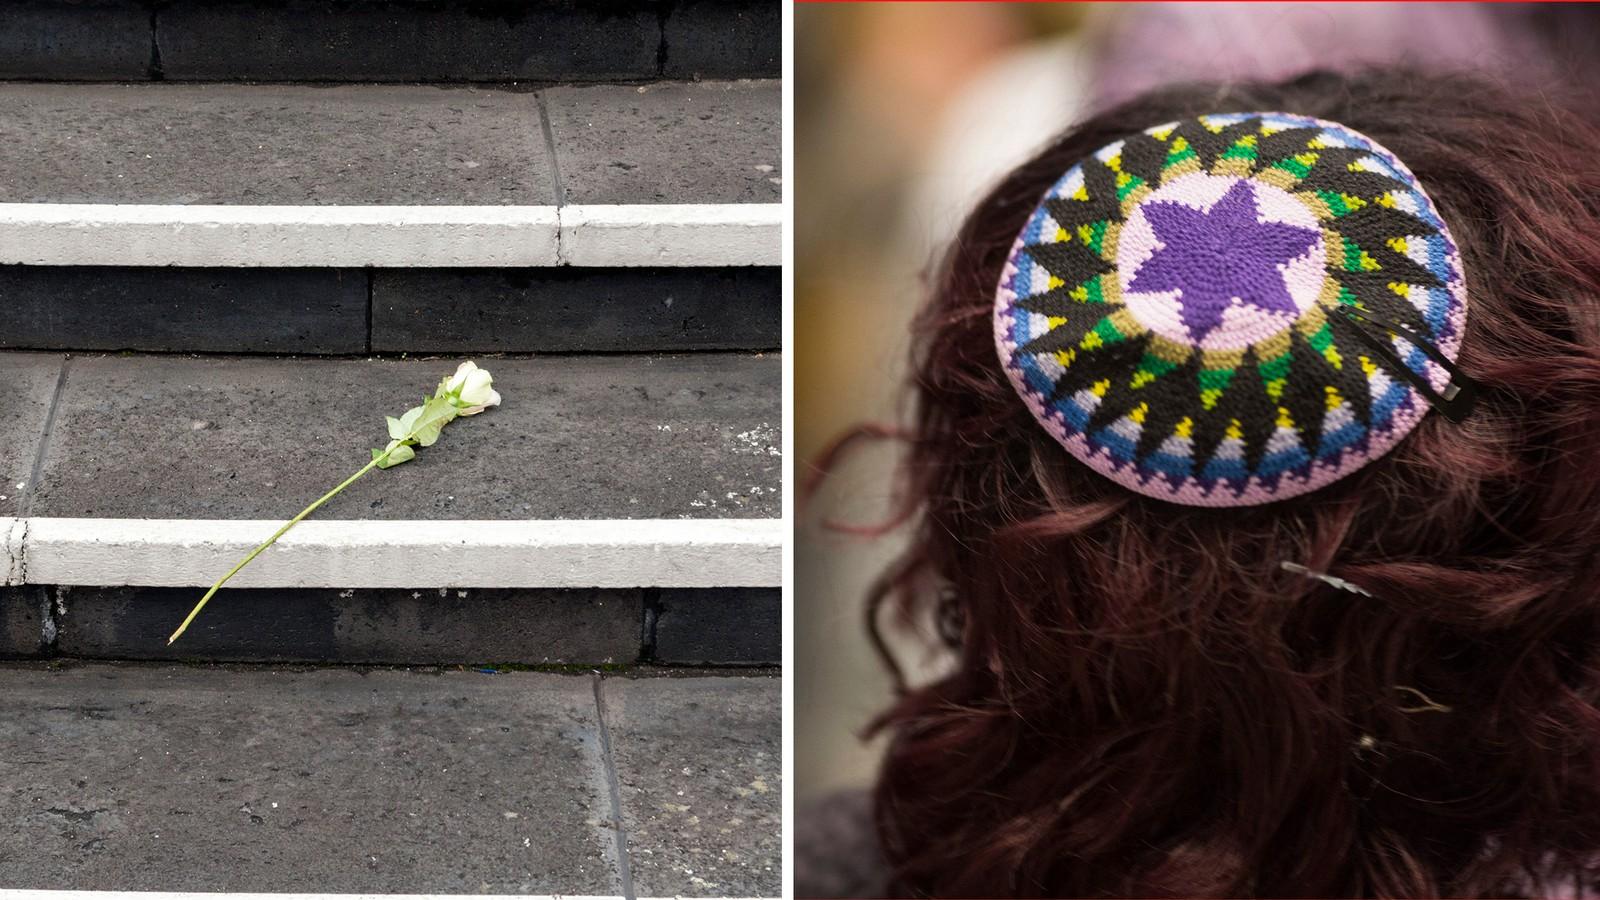 Wir haben Juden und Jüdinnen gefragt, wie es ihnen nach dem Anschlag geht